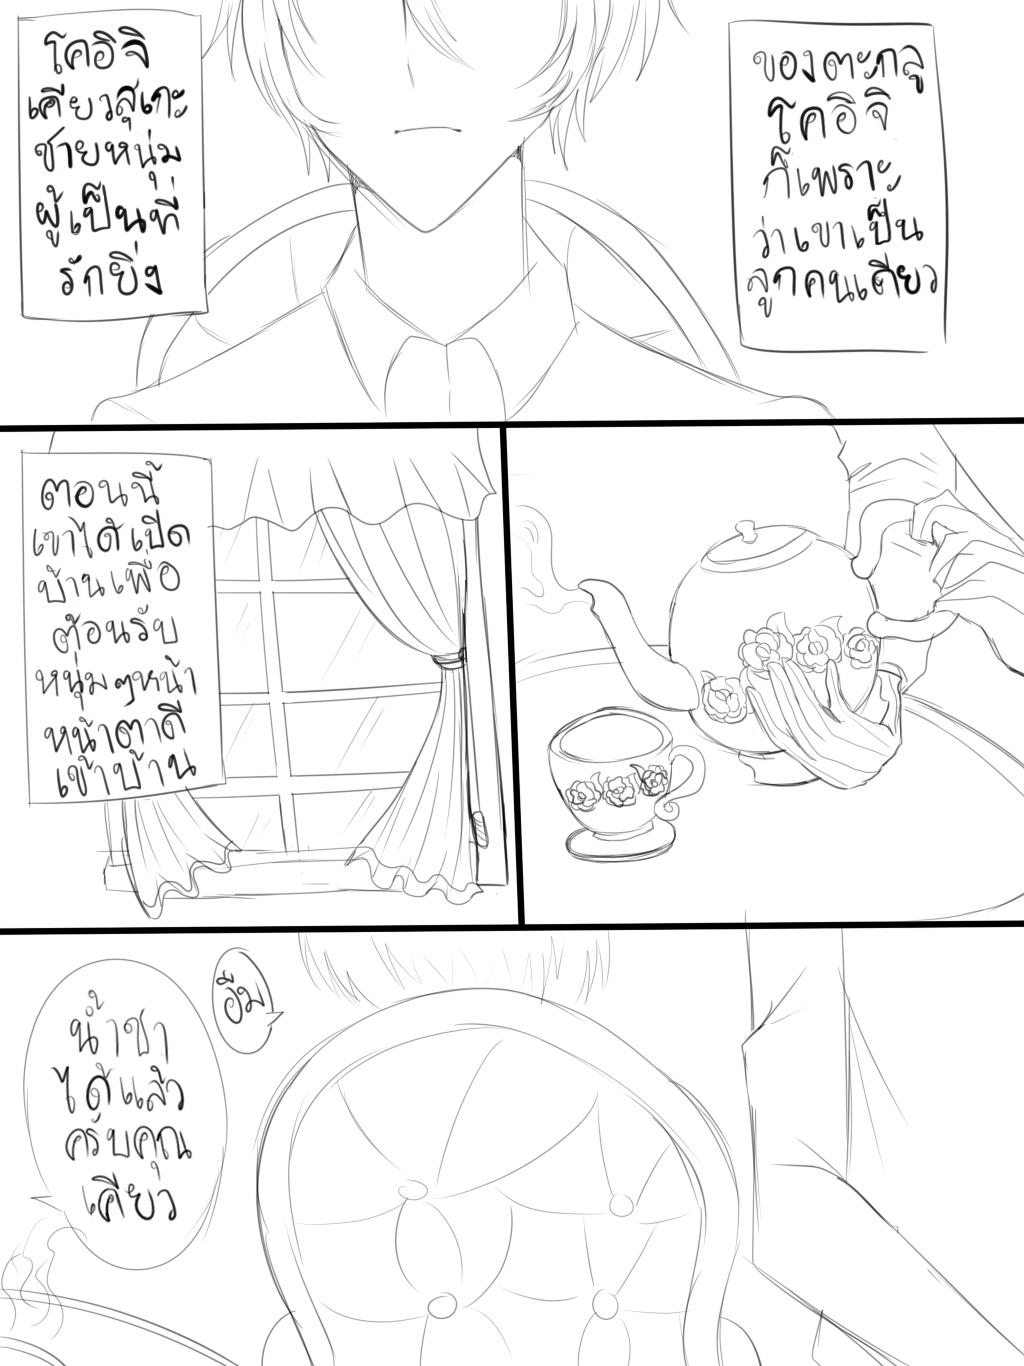 01 - ลูกชายของตะกูลโคจิวะ